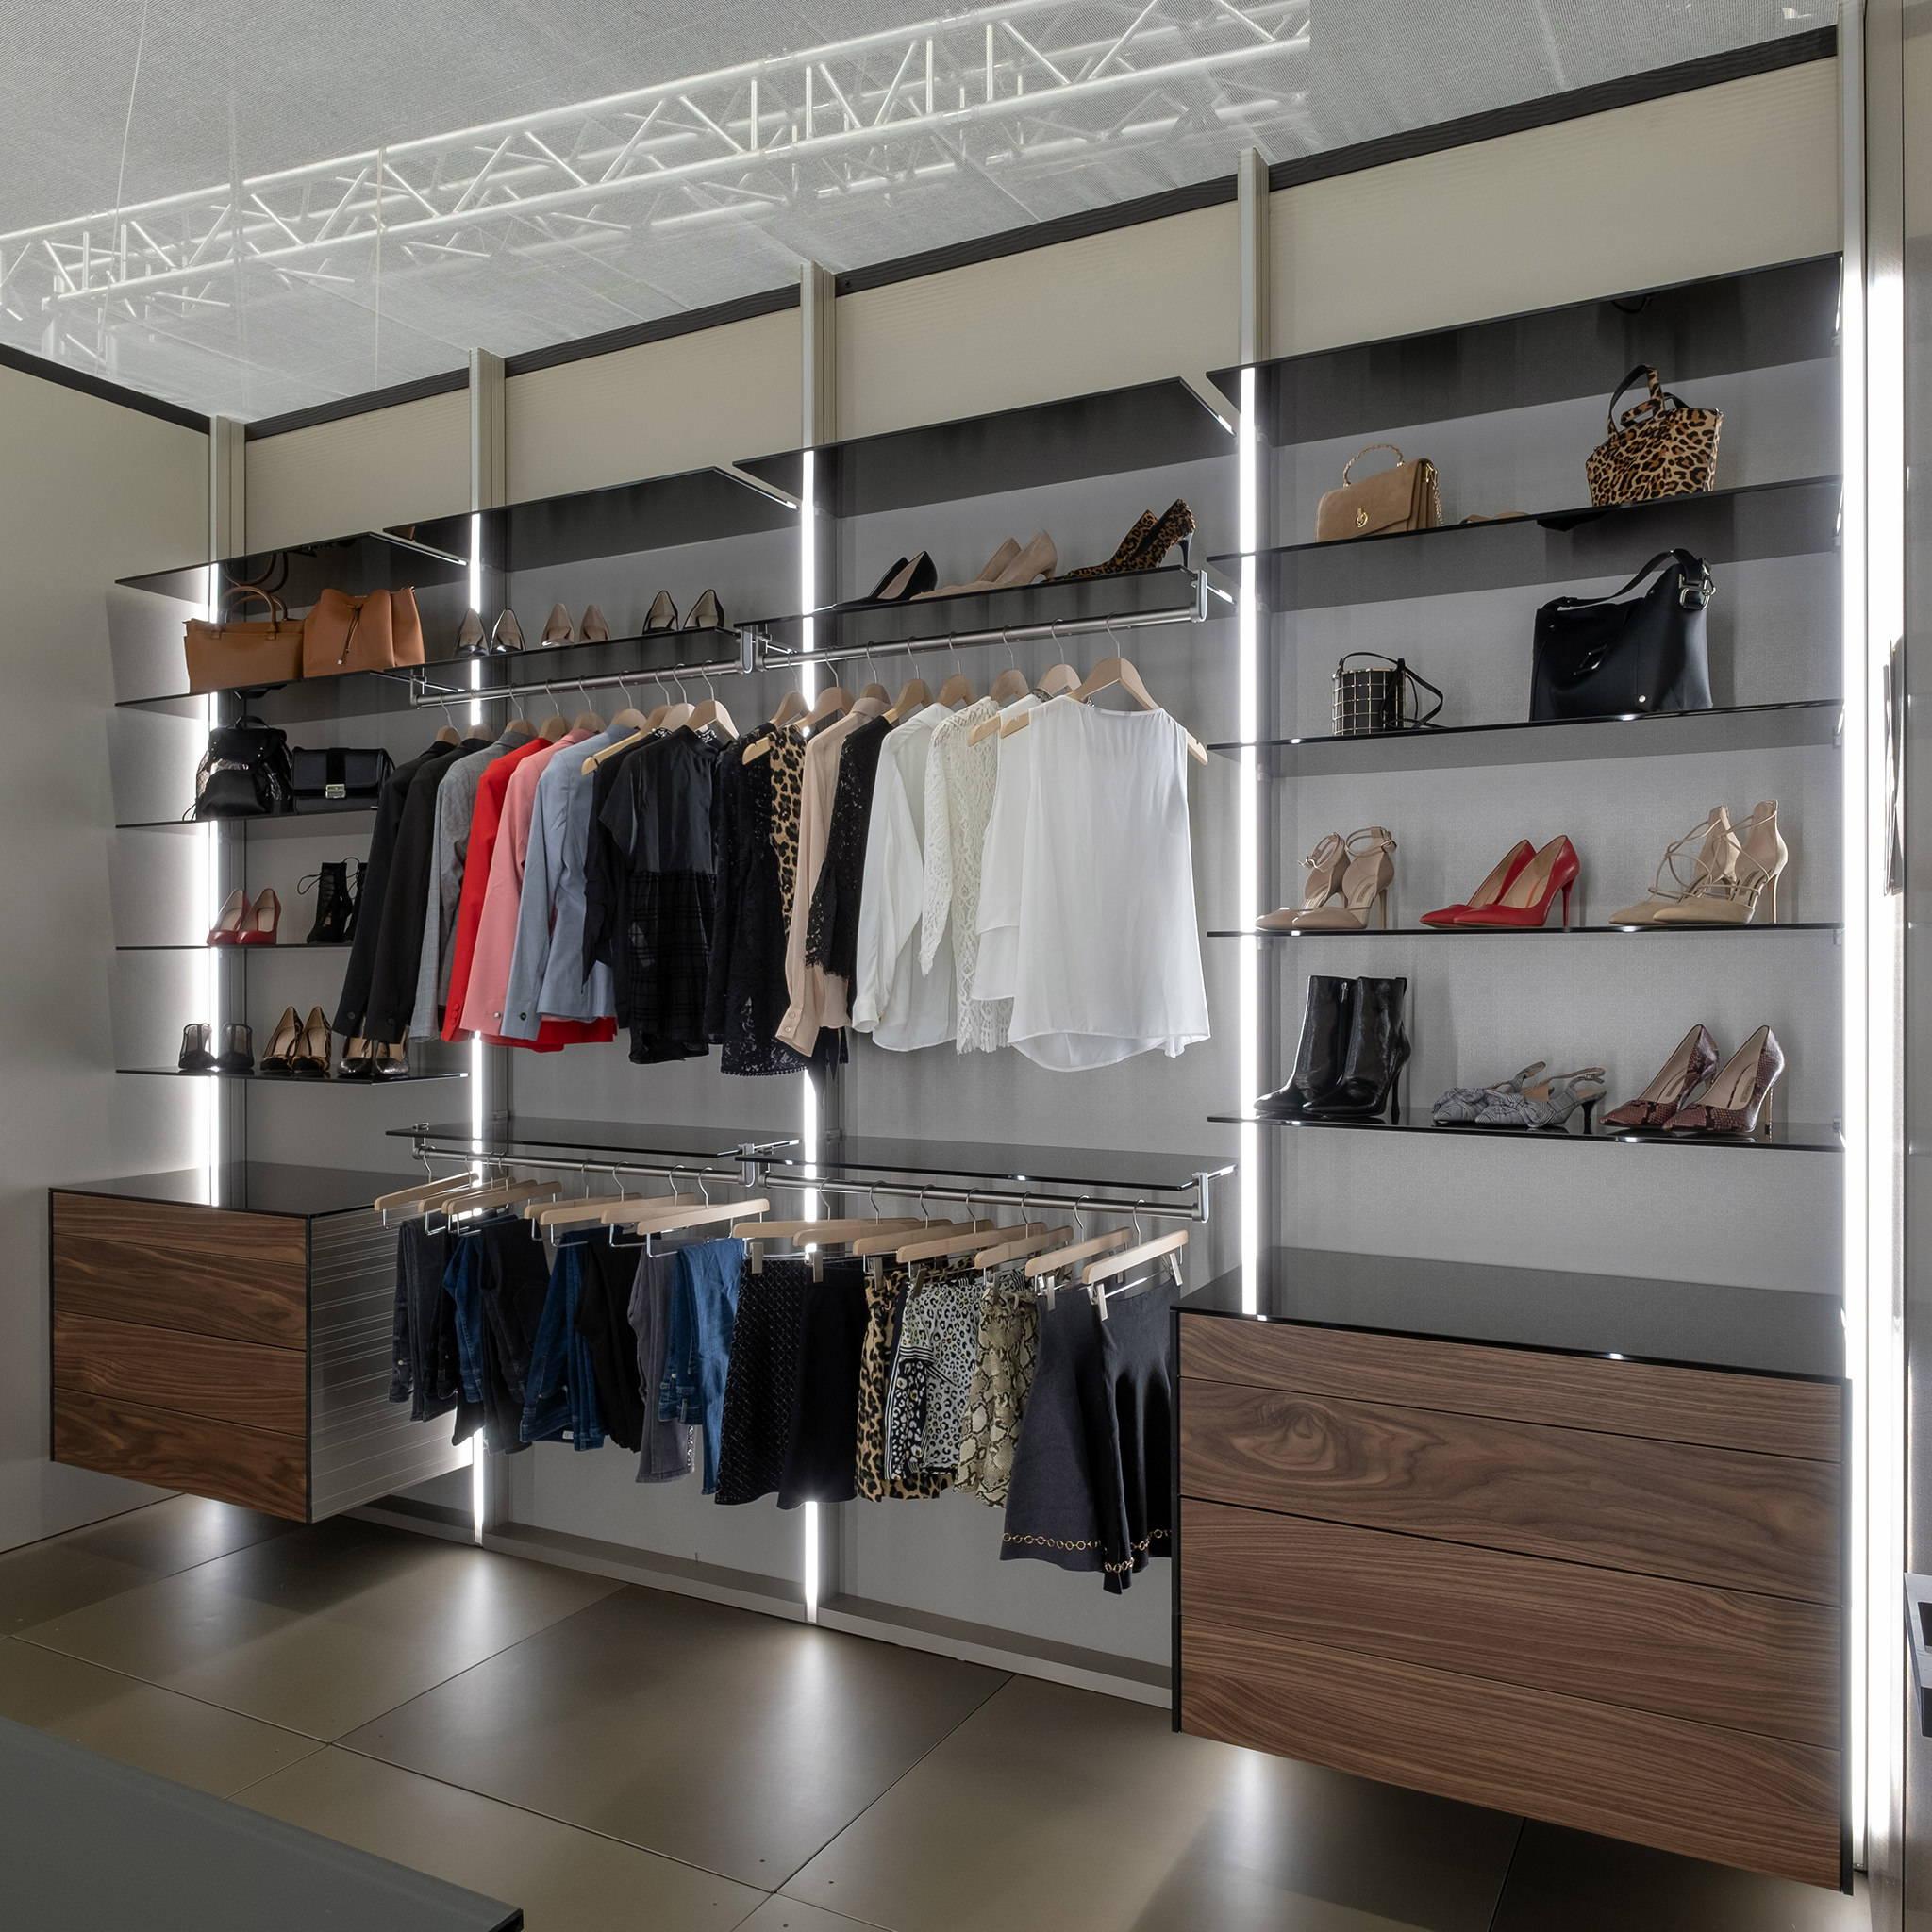 Dress Wall walk-in closet system